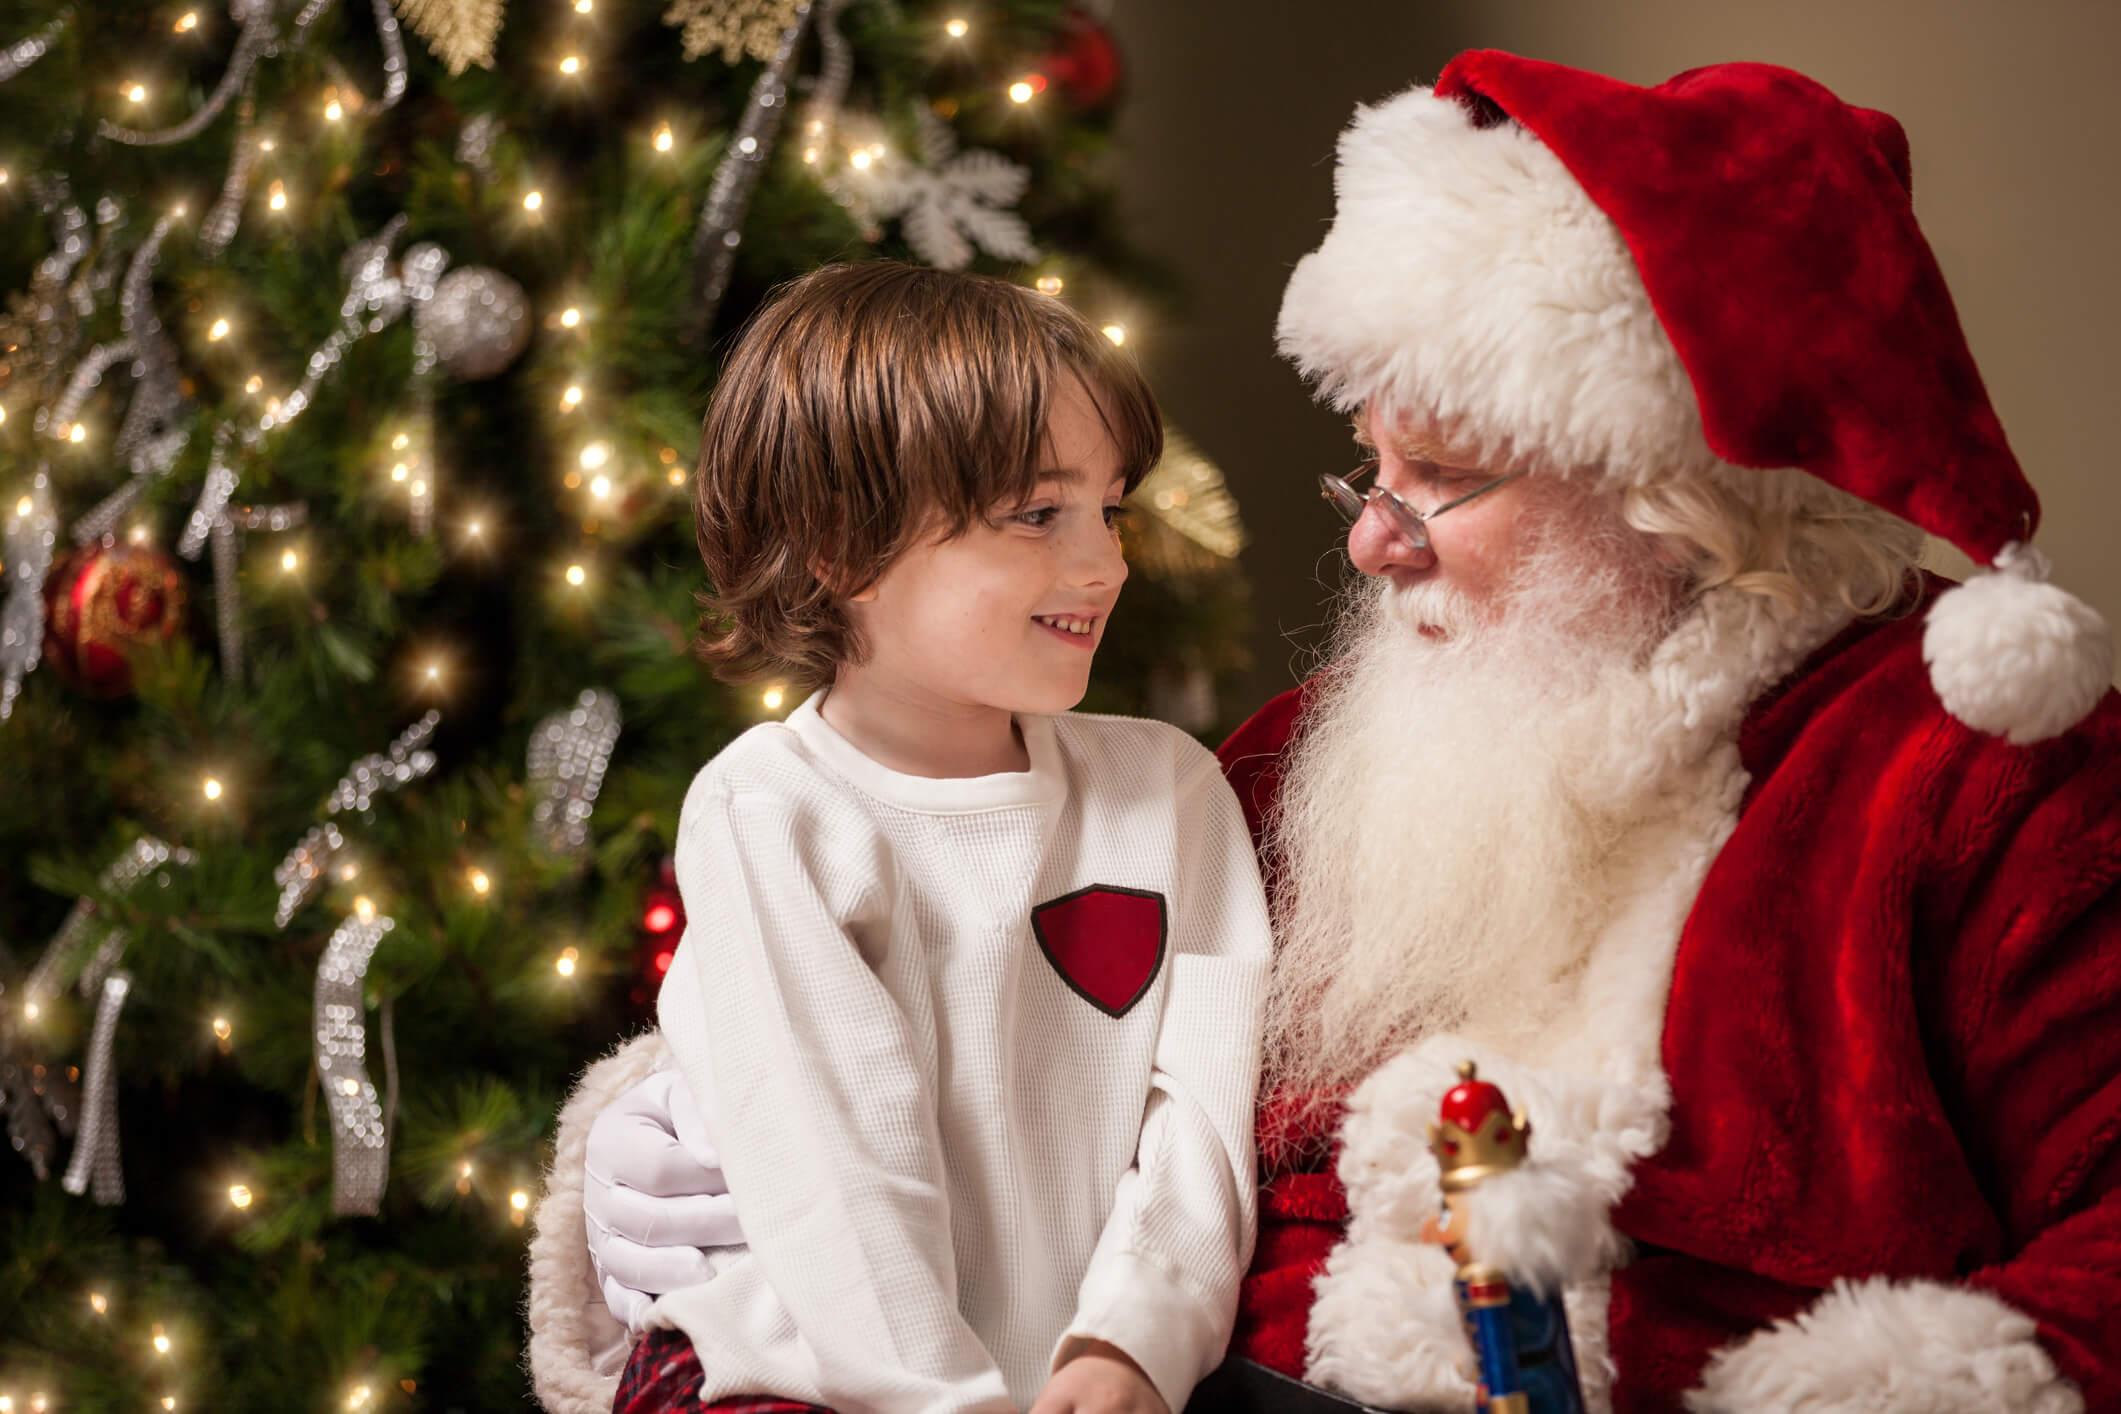 Como lidar quando a criança tem medo do Papai Noel?